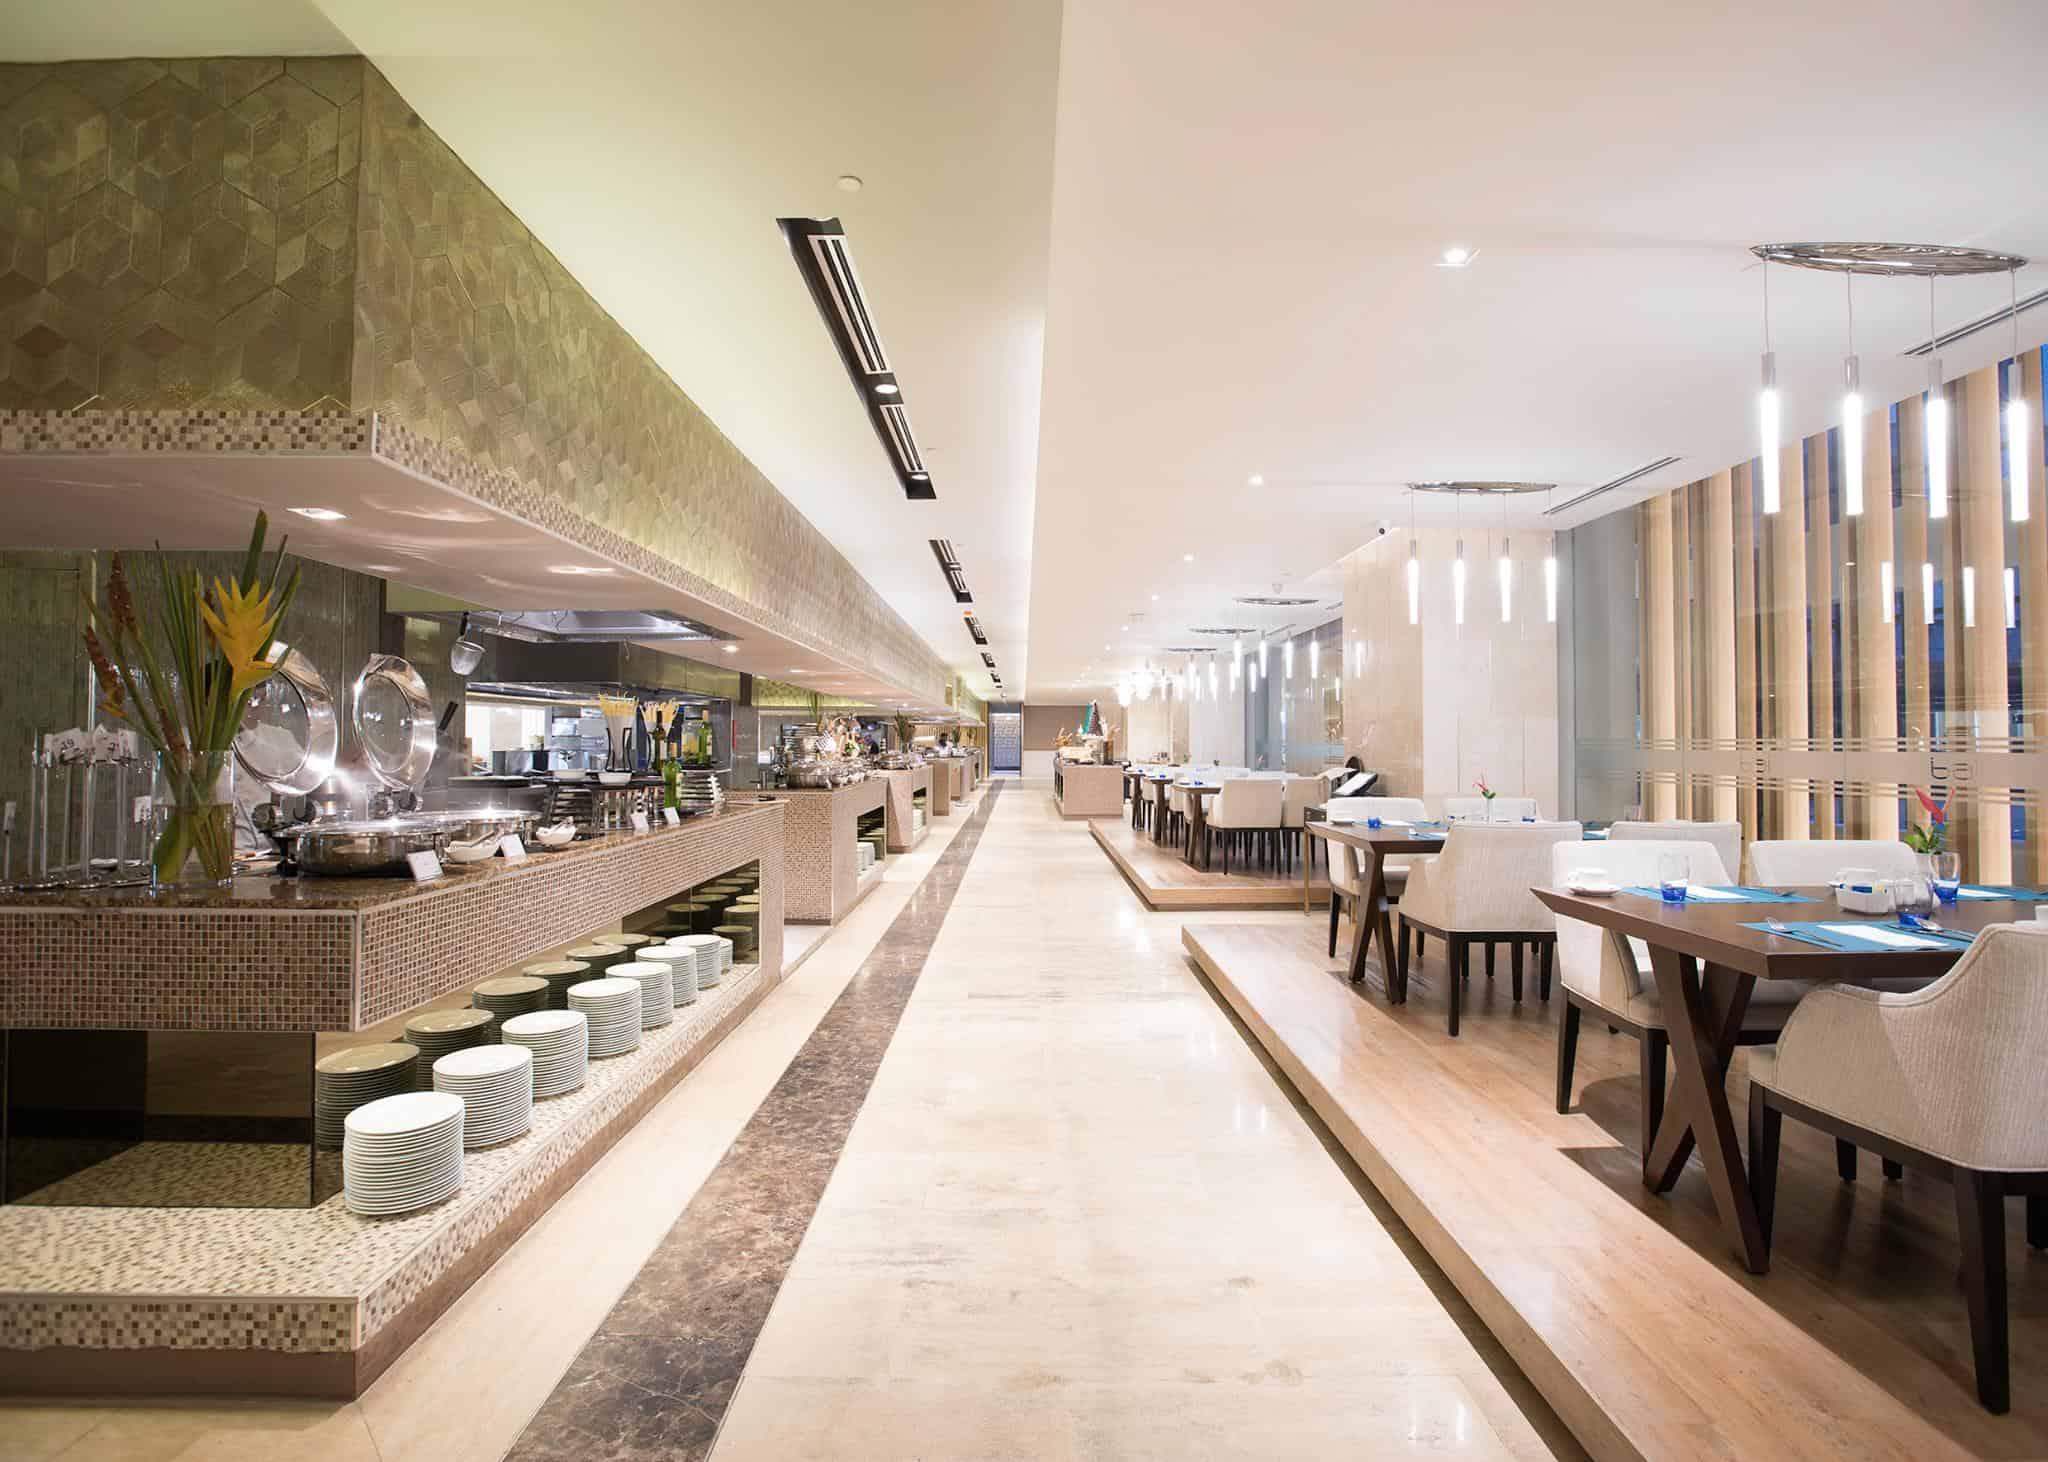 cafe-bai-hotel-cebu-buffet